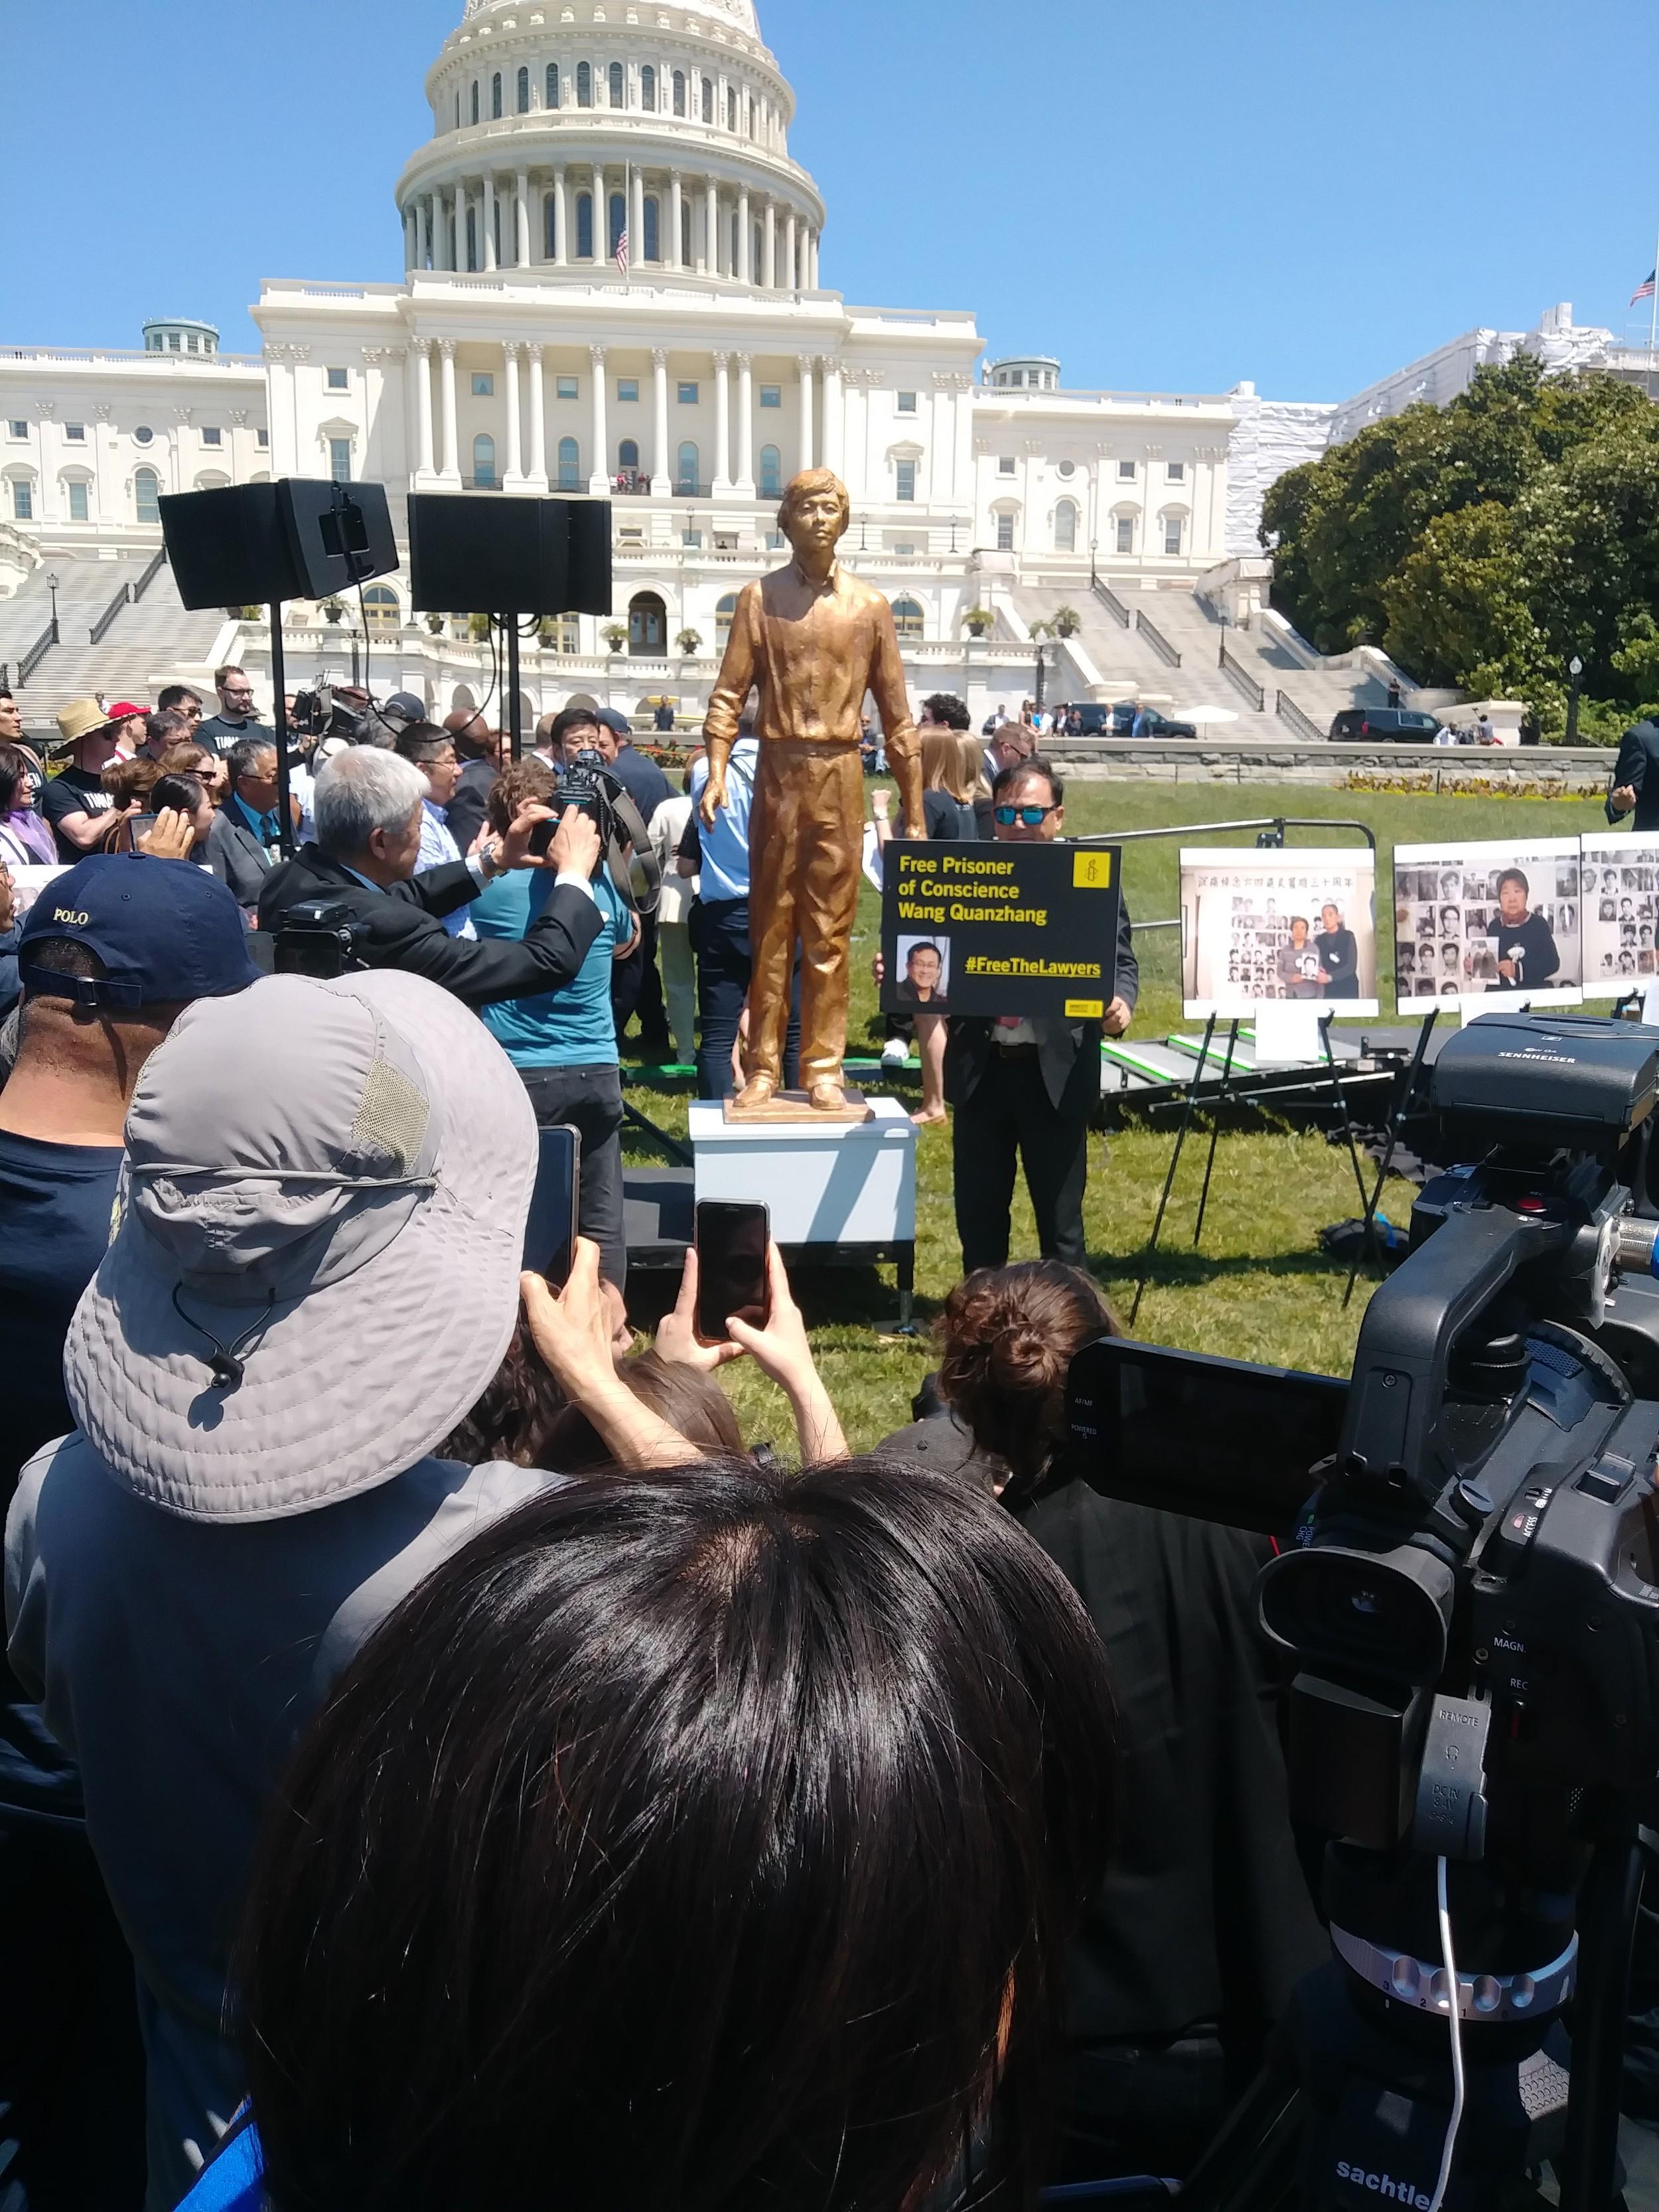 天安门一代人,在纽约开业的李进进律师举牌呼吁释放中国人权律师王全璋。(北明拍摄)